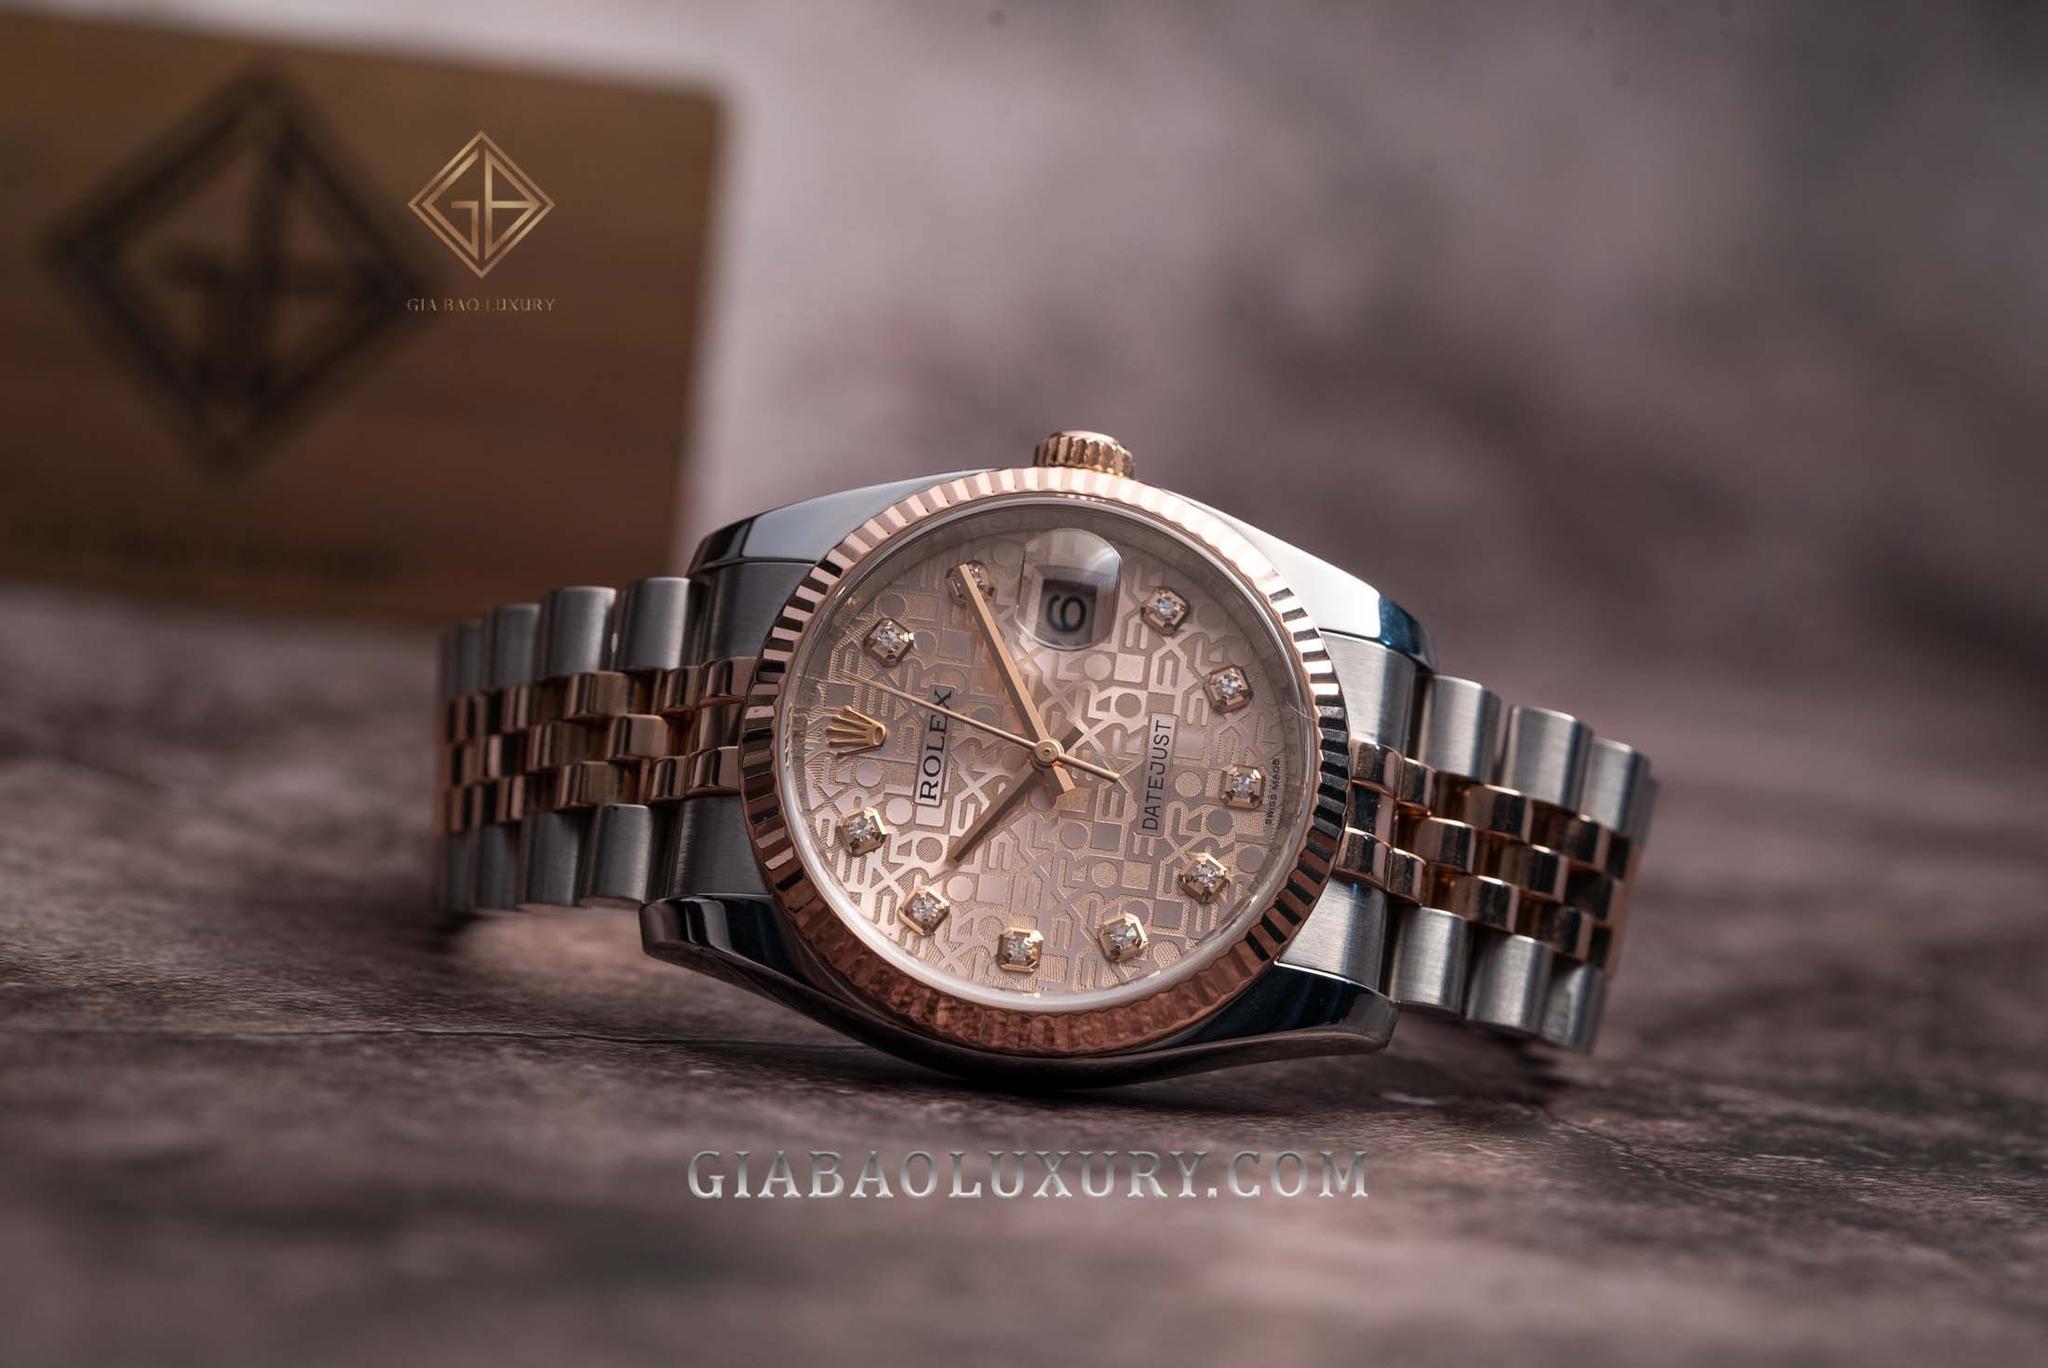 Đồng Hồ Rolex Datejust 36 116231 Mặt Số Vi Tính Hồng